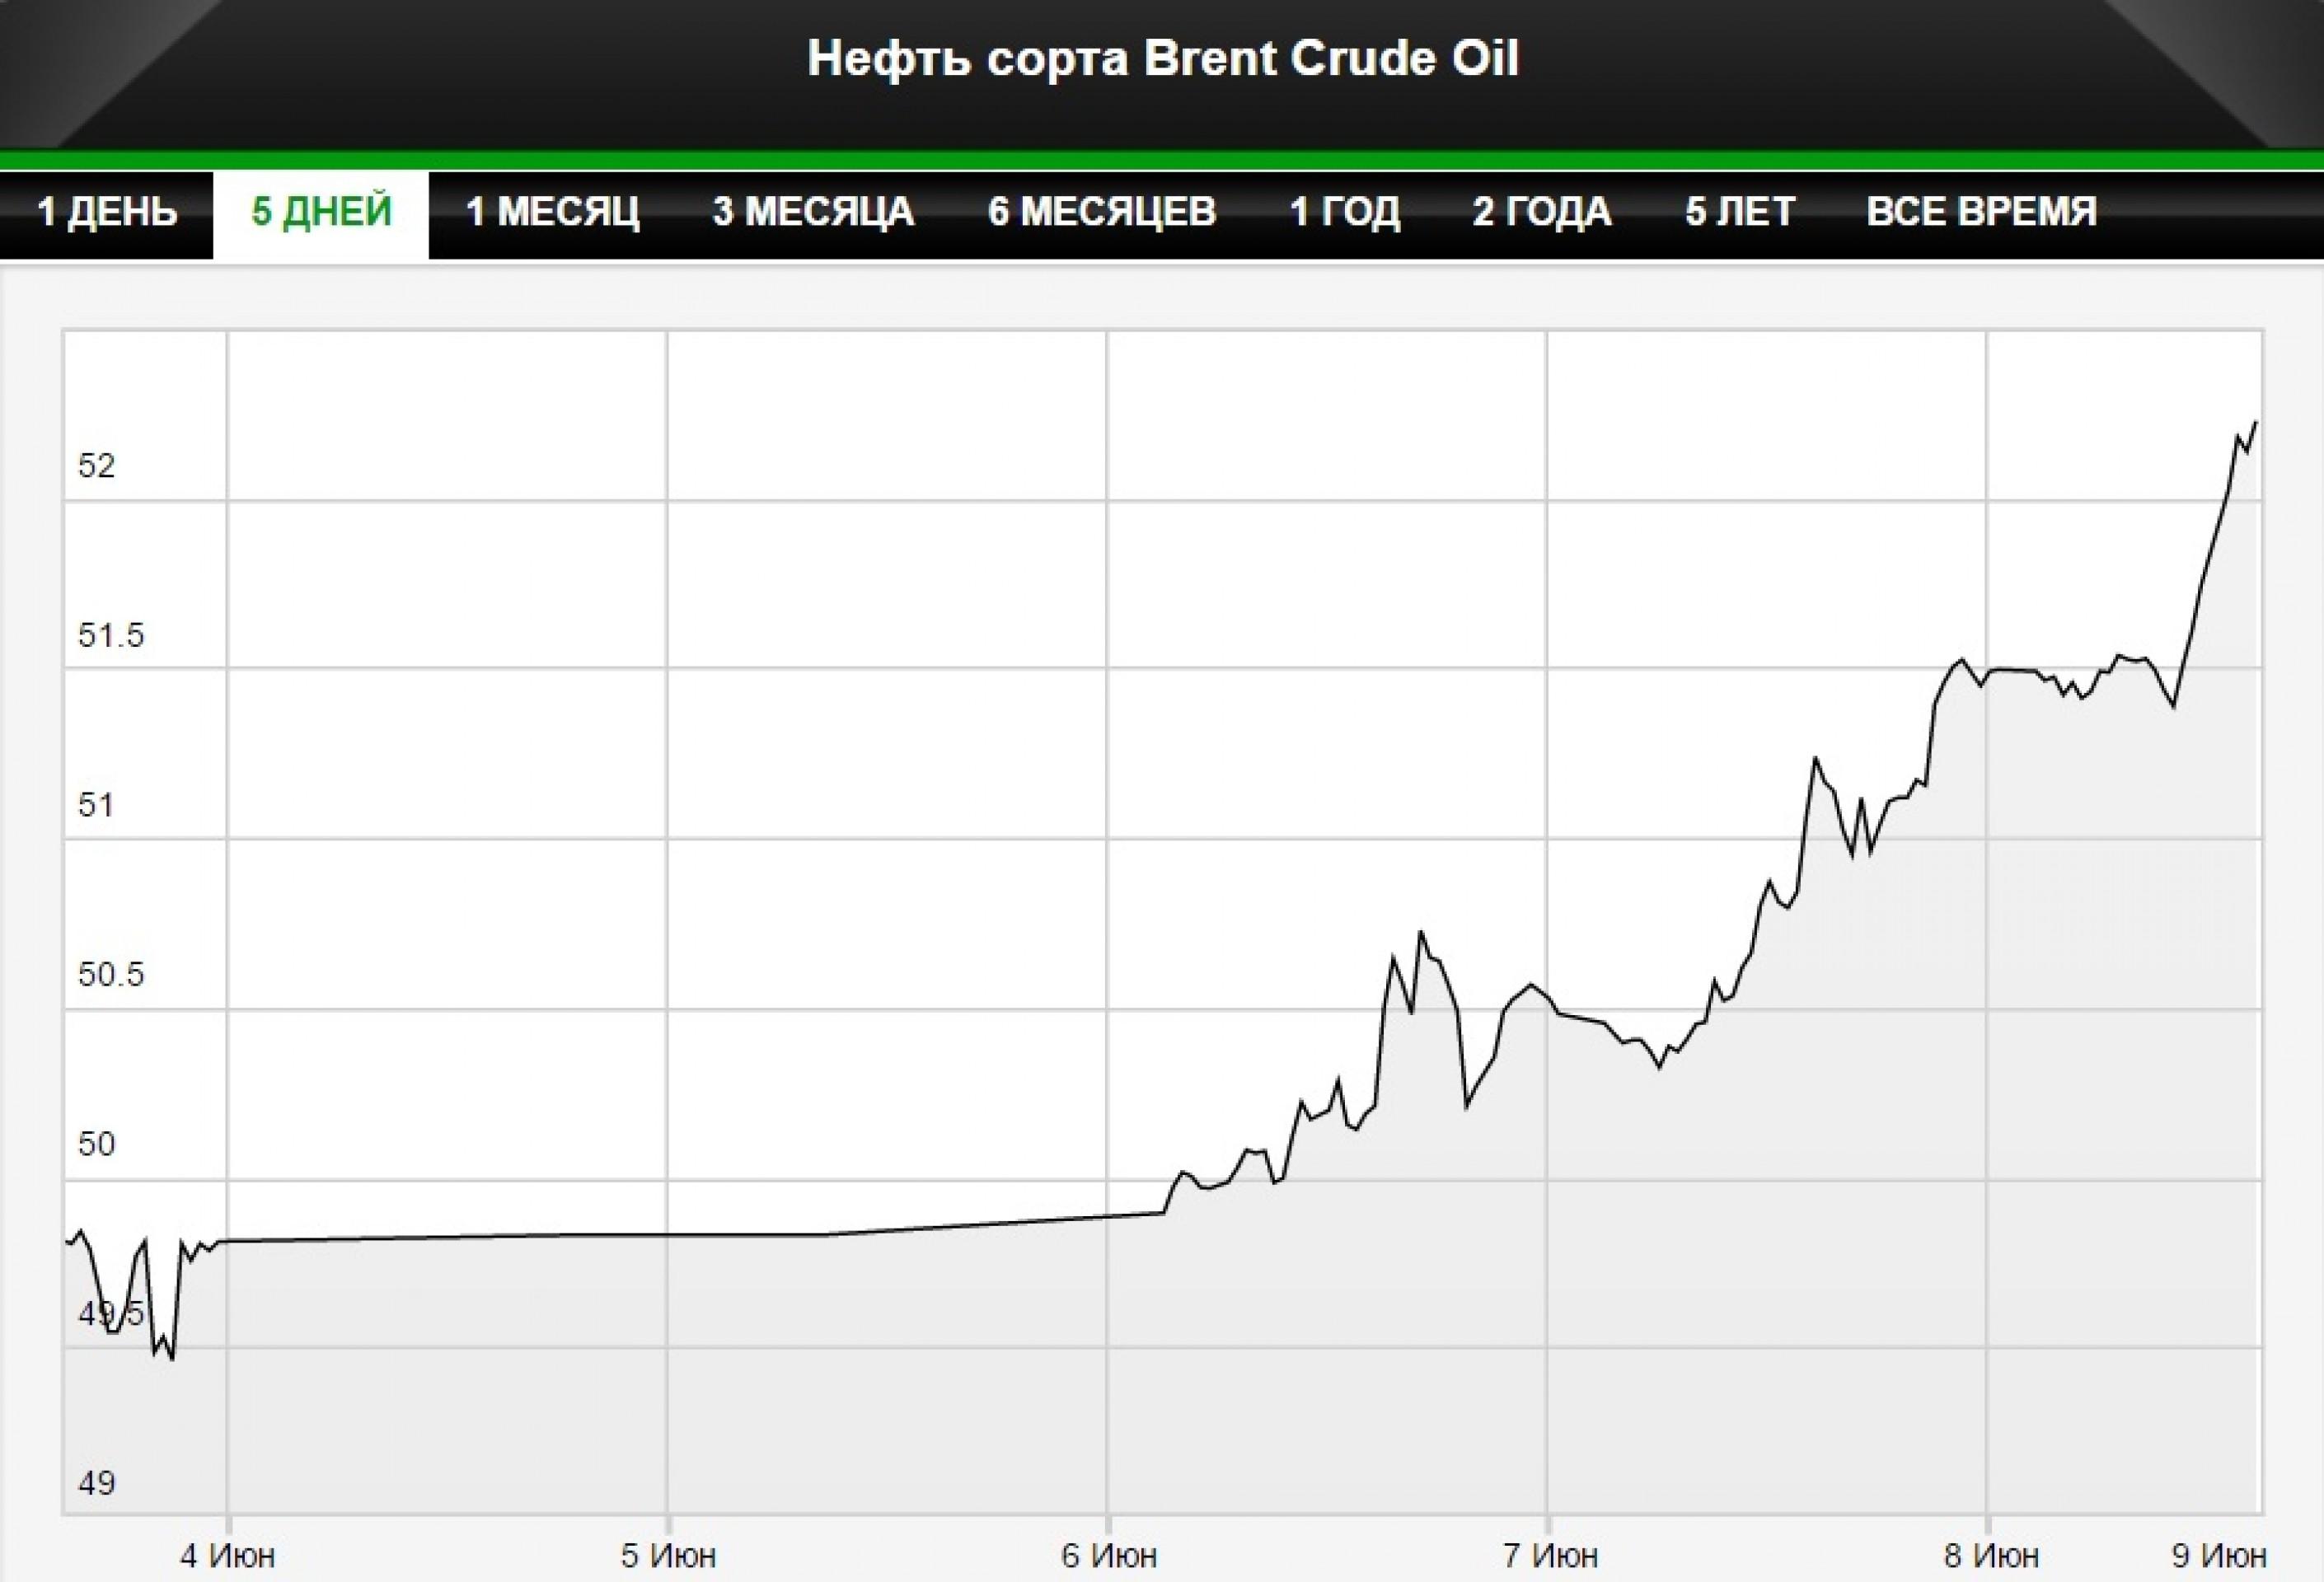 Цены на нефть превысили $52 за баррель